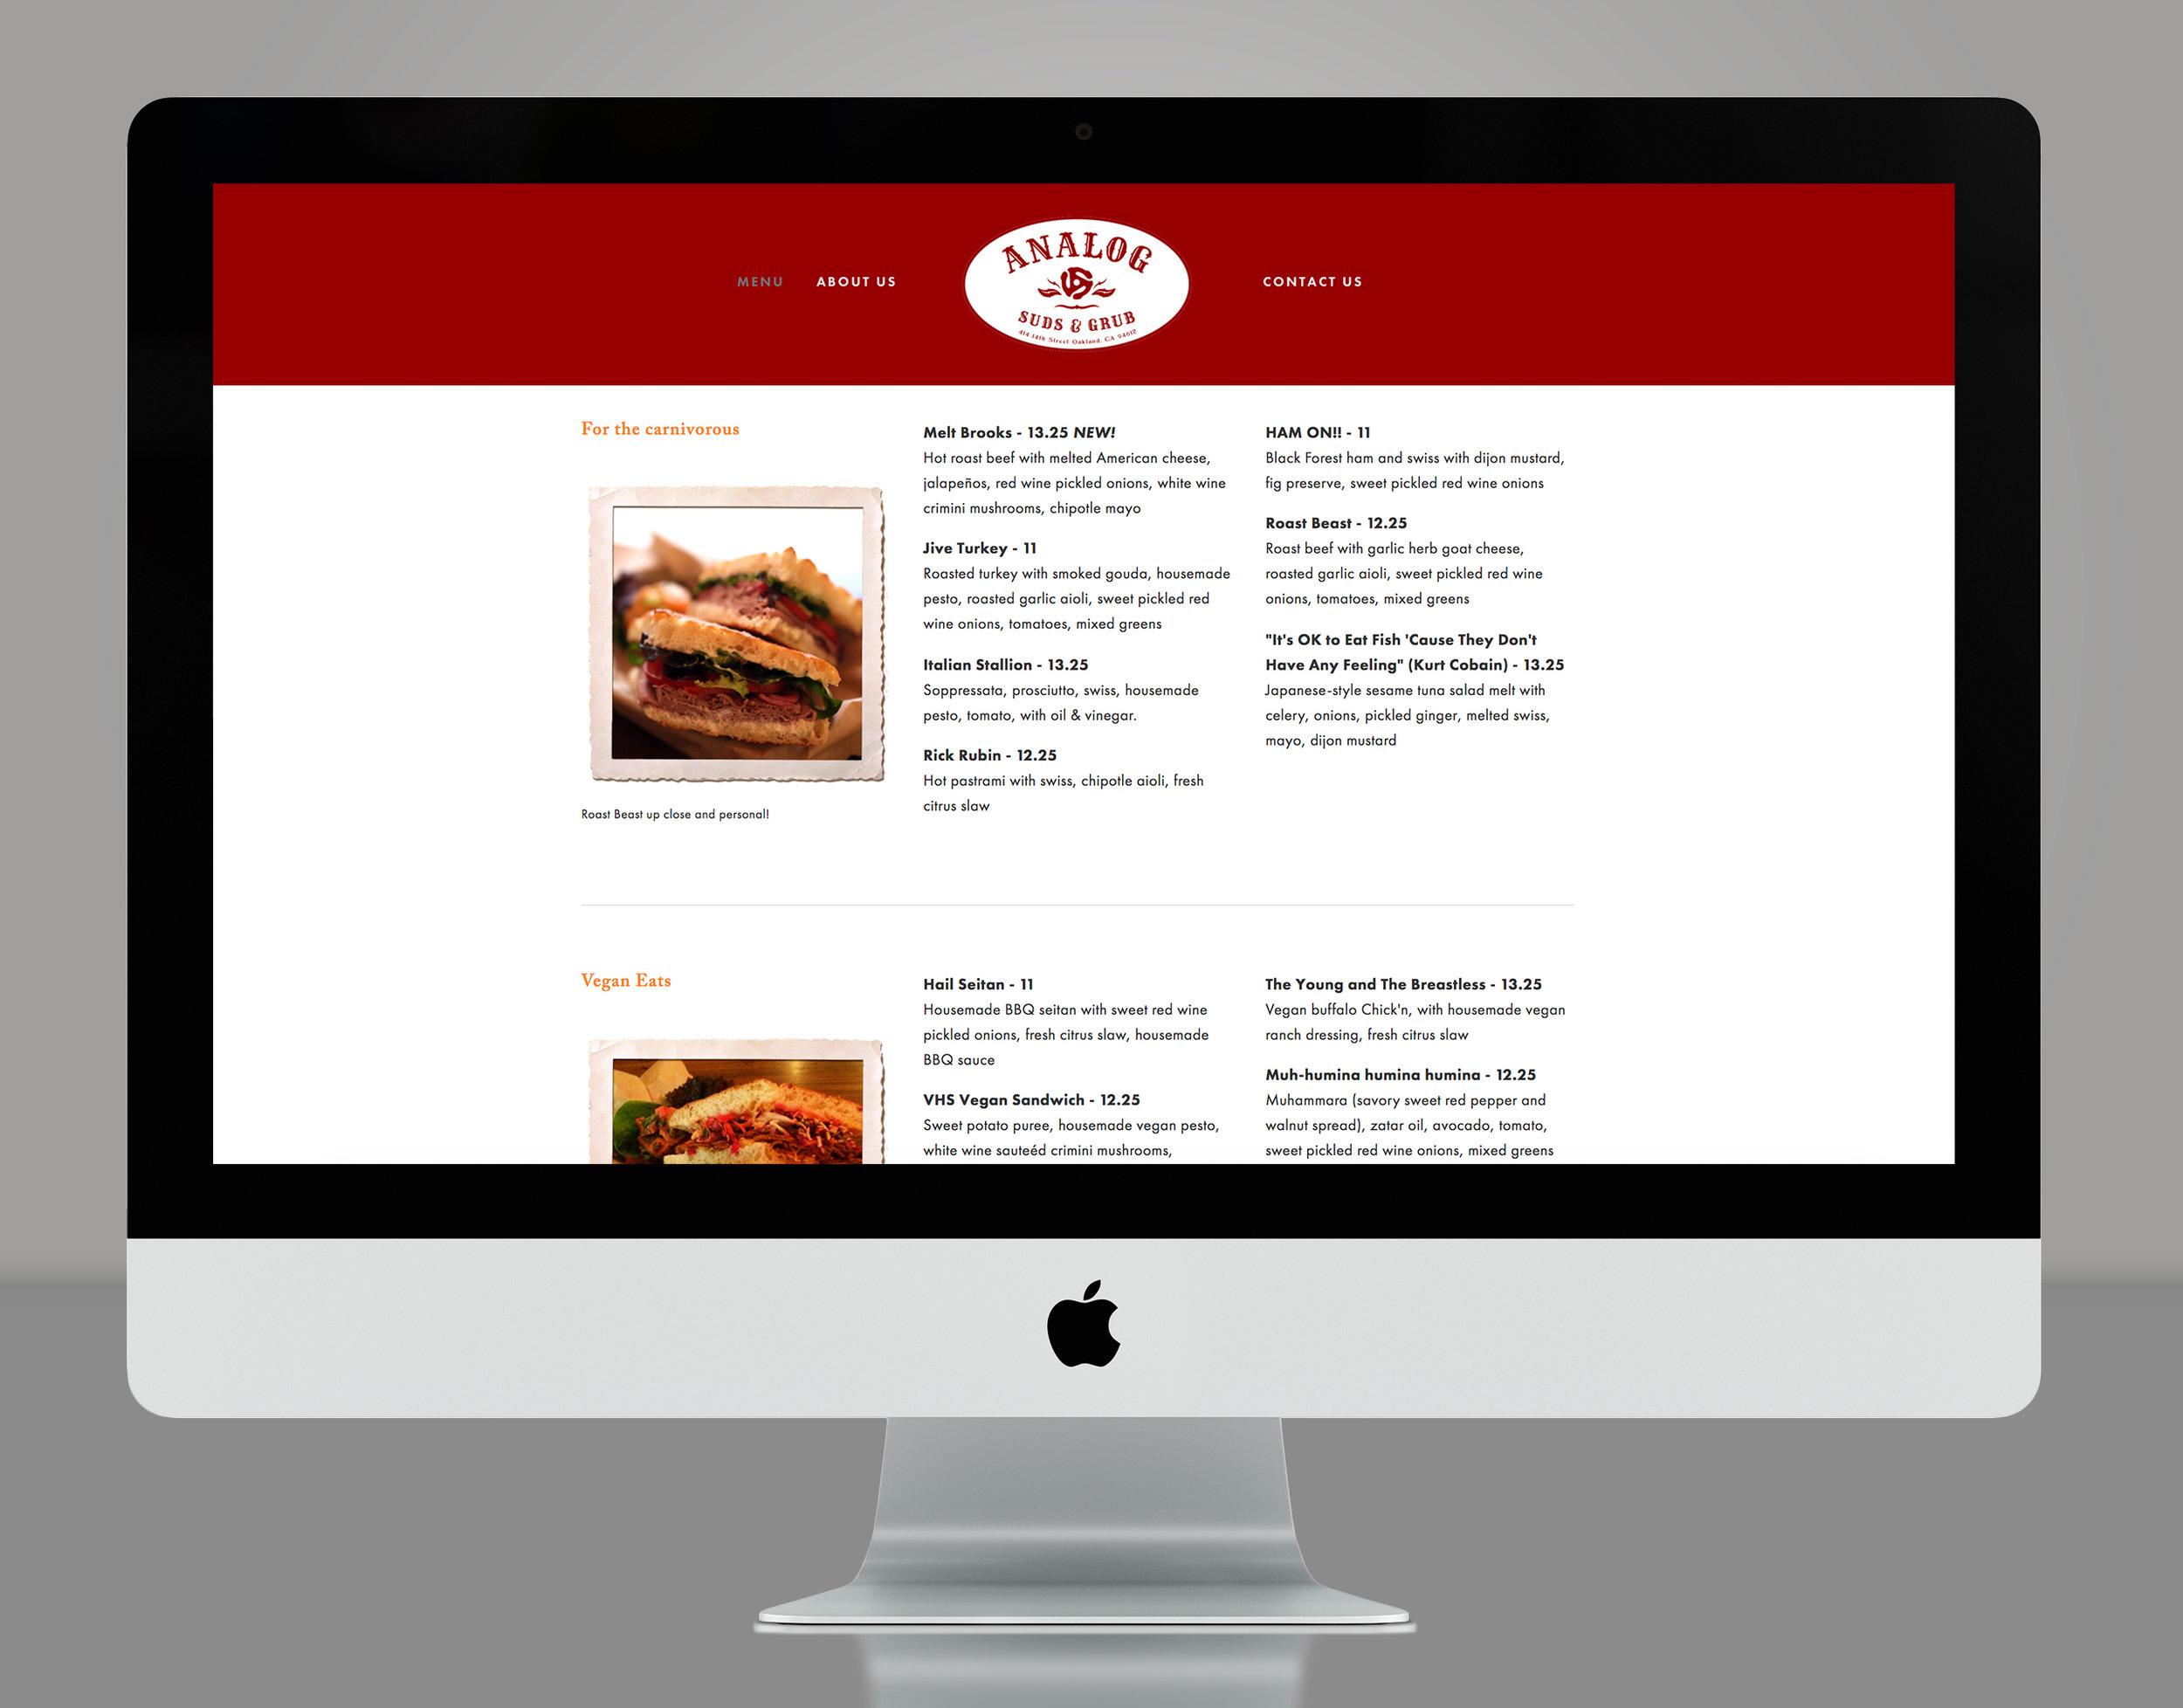 Analog_menu.jpg